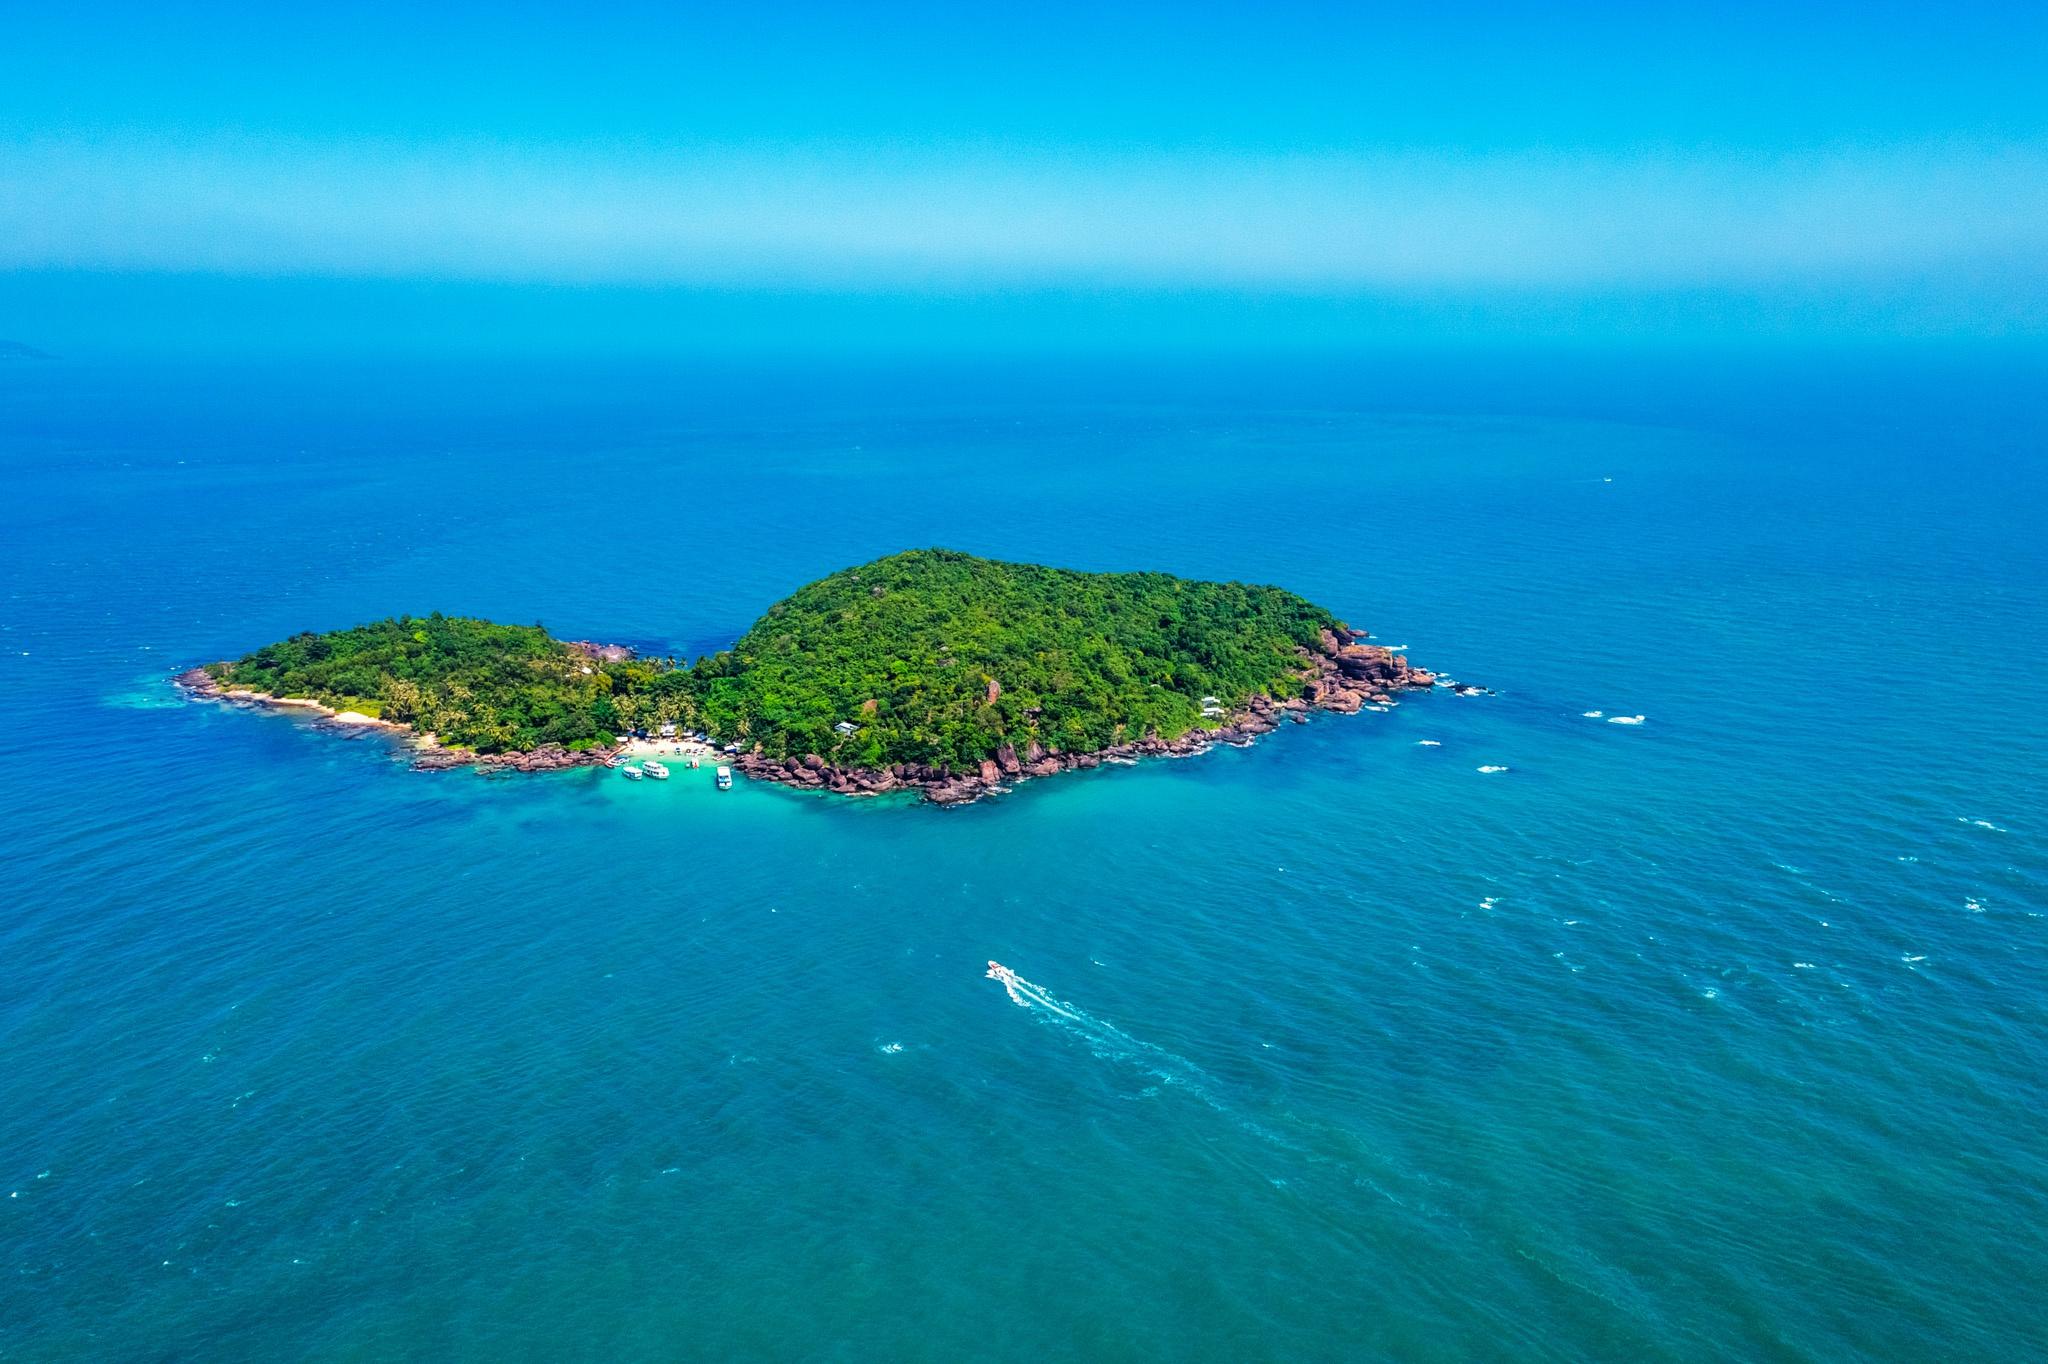 Chu du biển đảo Phú Quốc, ngắm vẻ đẹp giao hòa của tự nhiên - Ảnh 13.